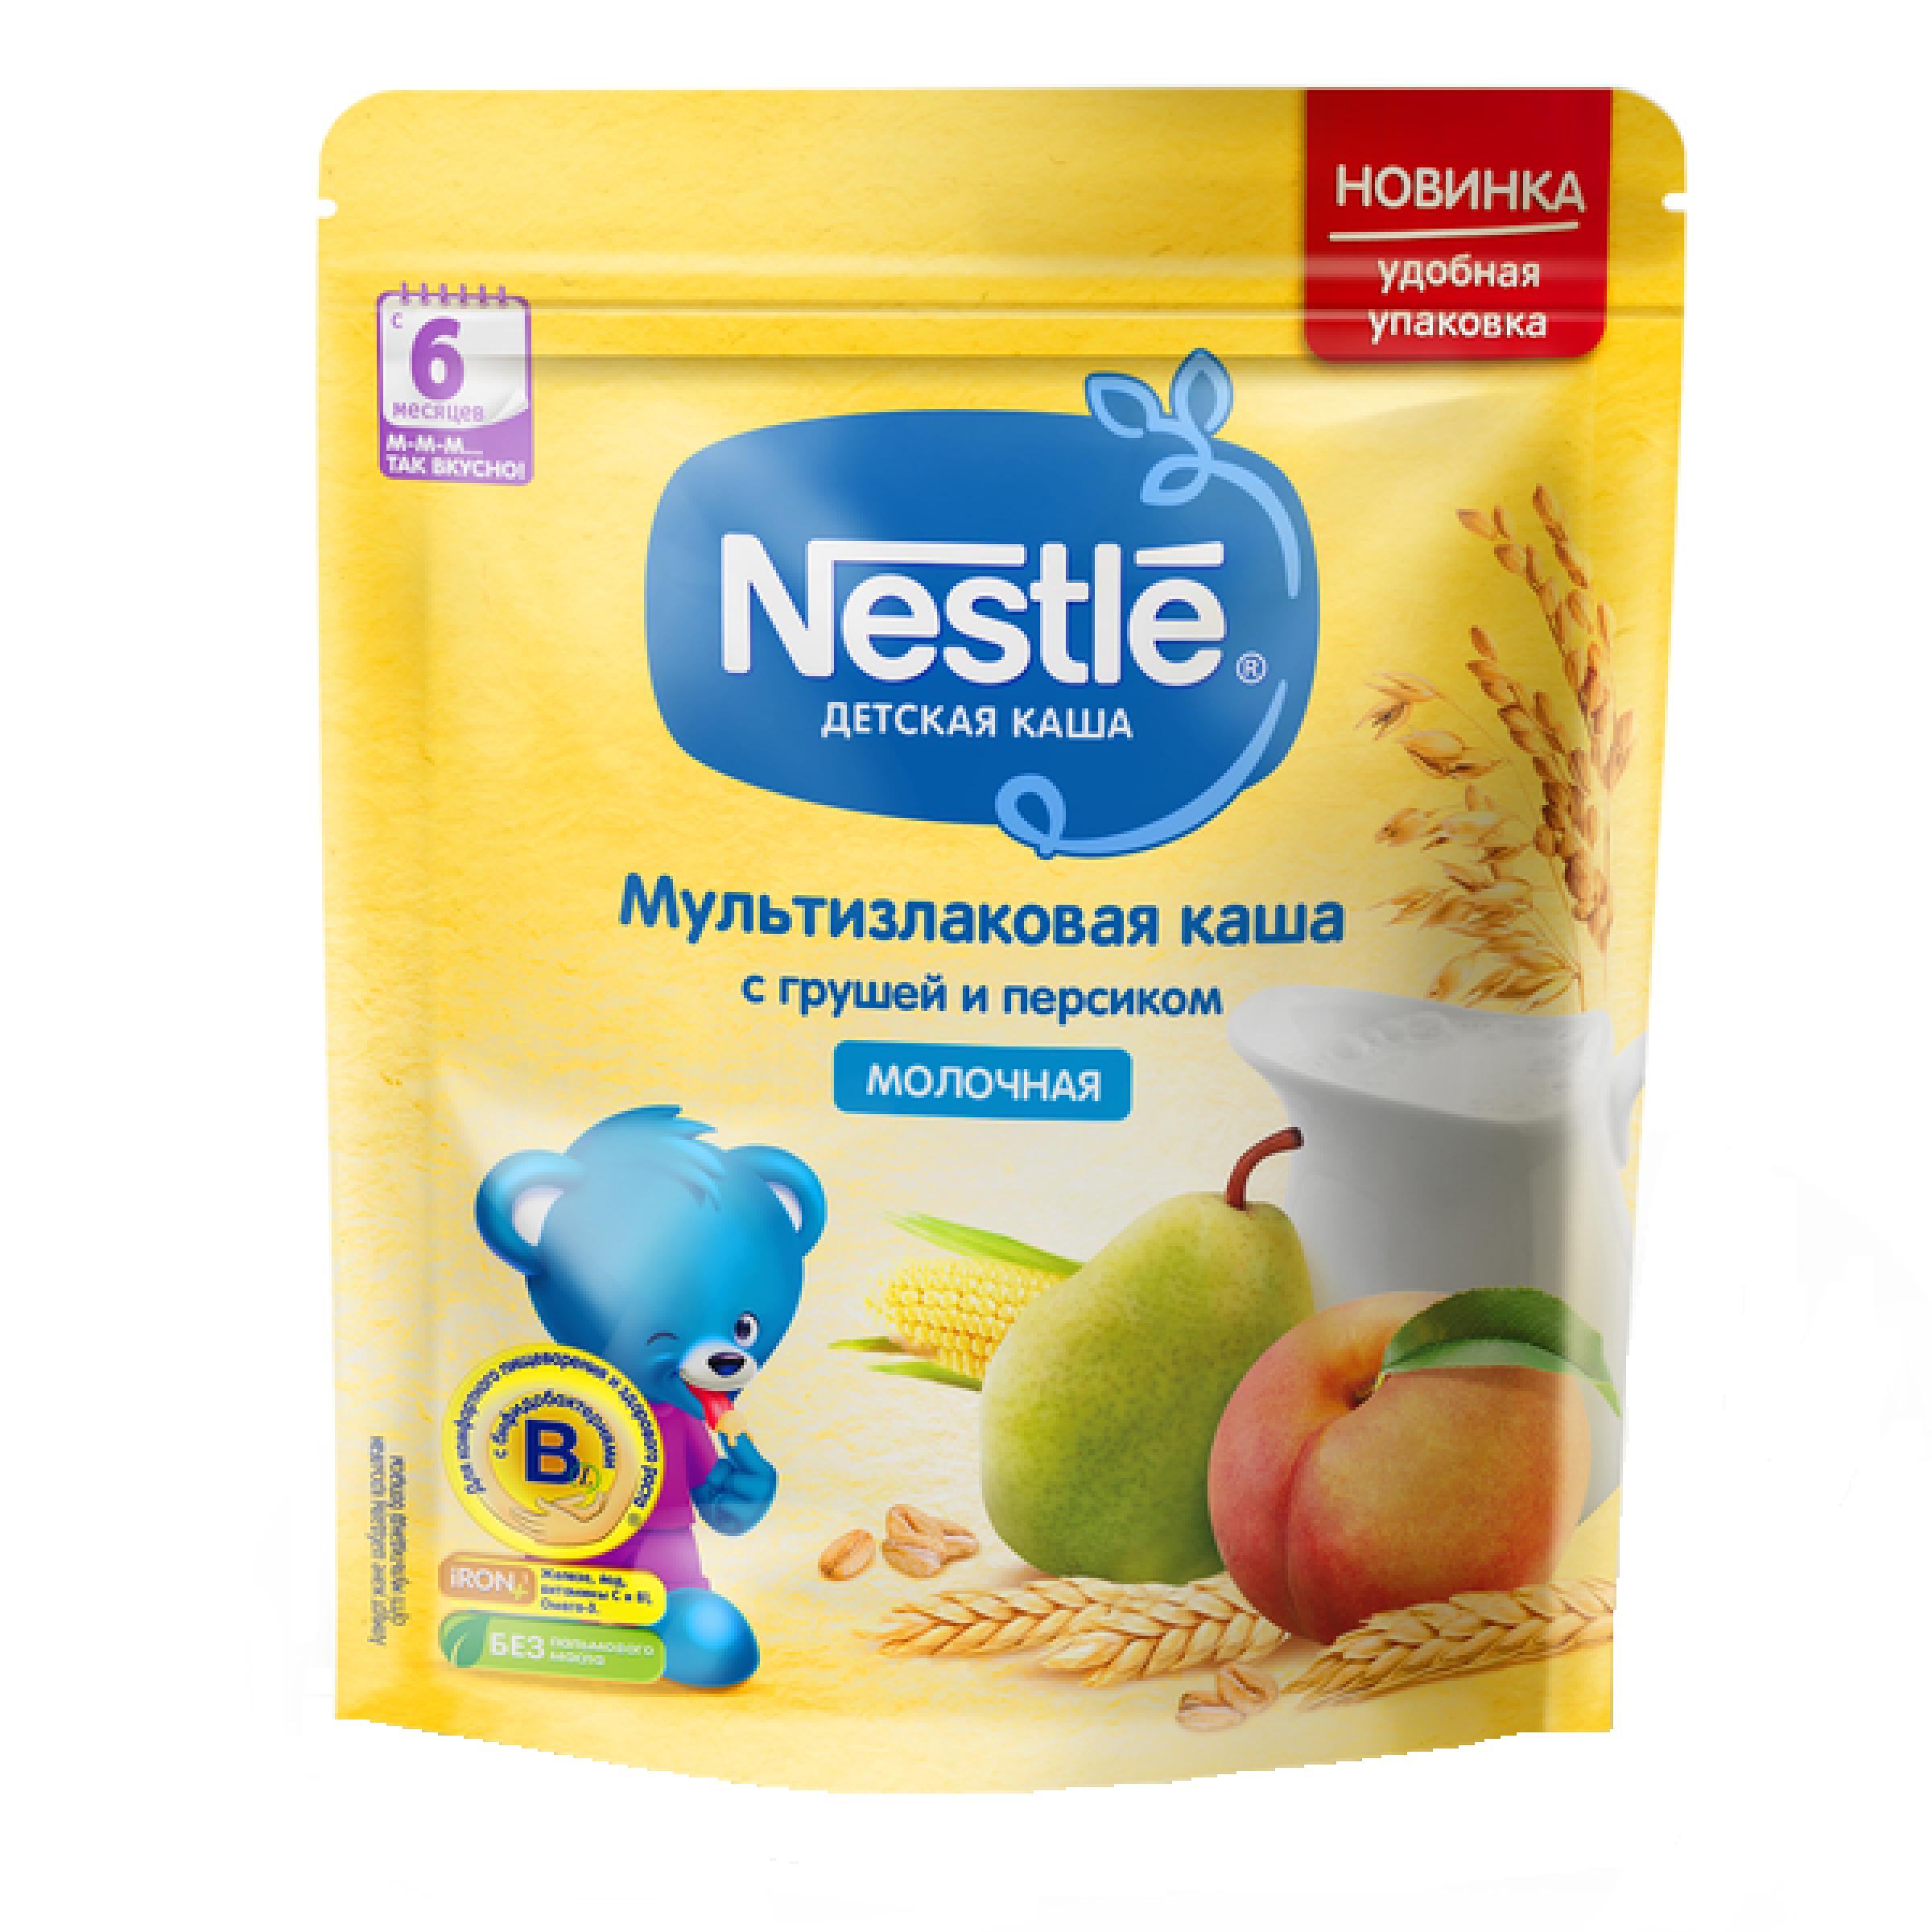 Каша сухая молочная мультизлаковая с грушей и персиком Nestle, 220 гр